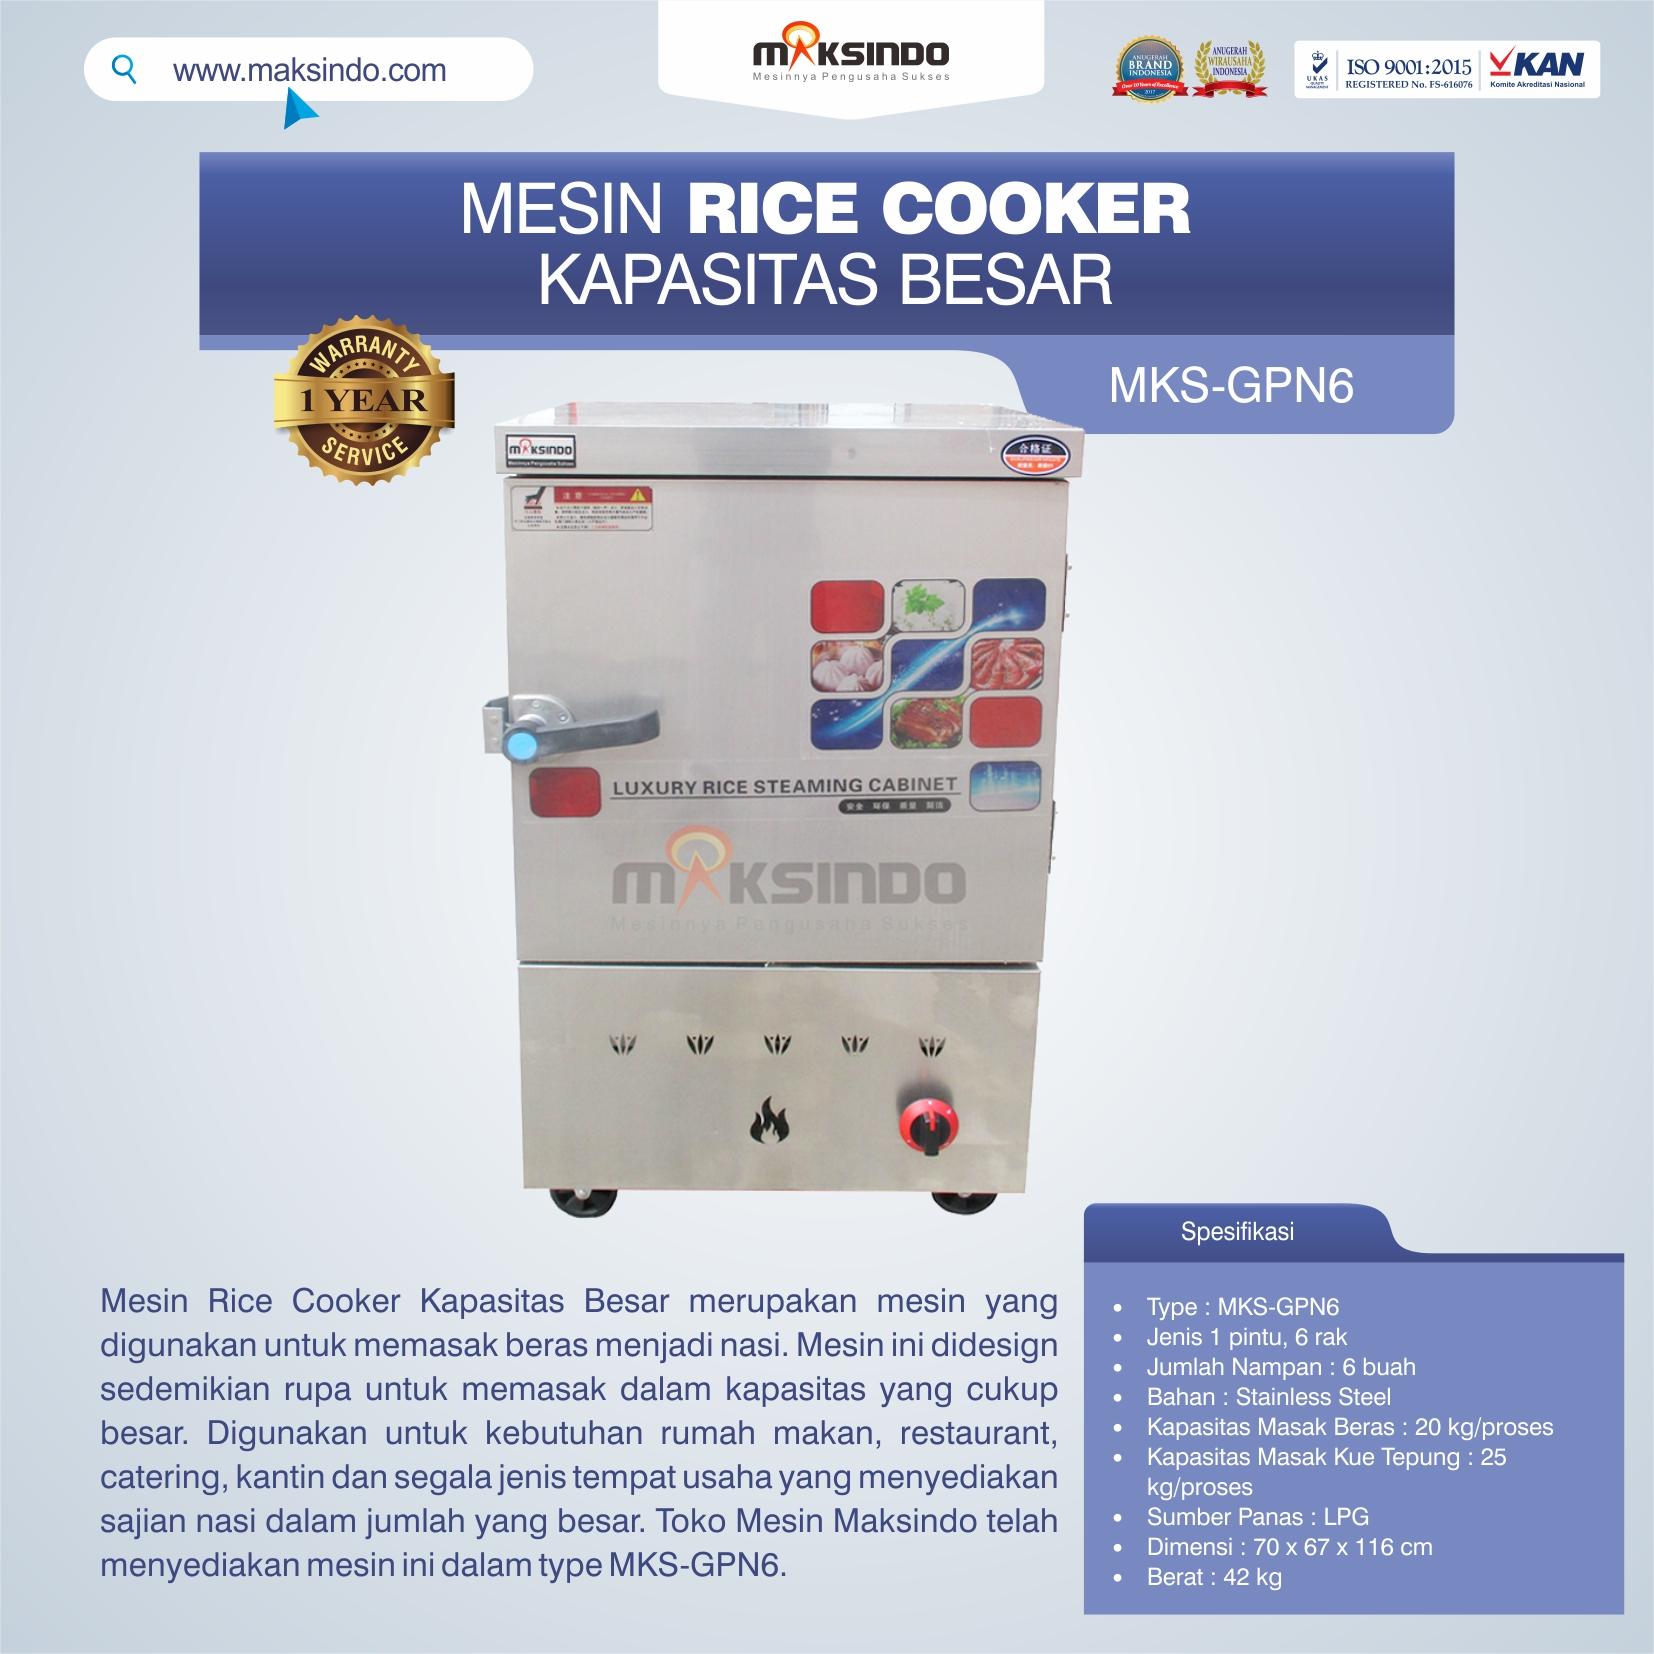 Jual Mesin Rice Cooker Kapasitas Besar MKS-GPN6 di Tangerang